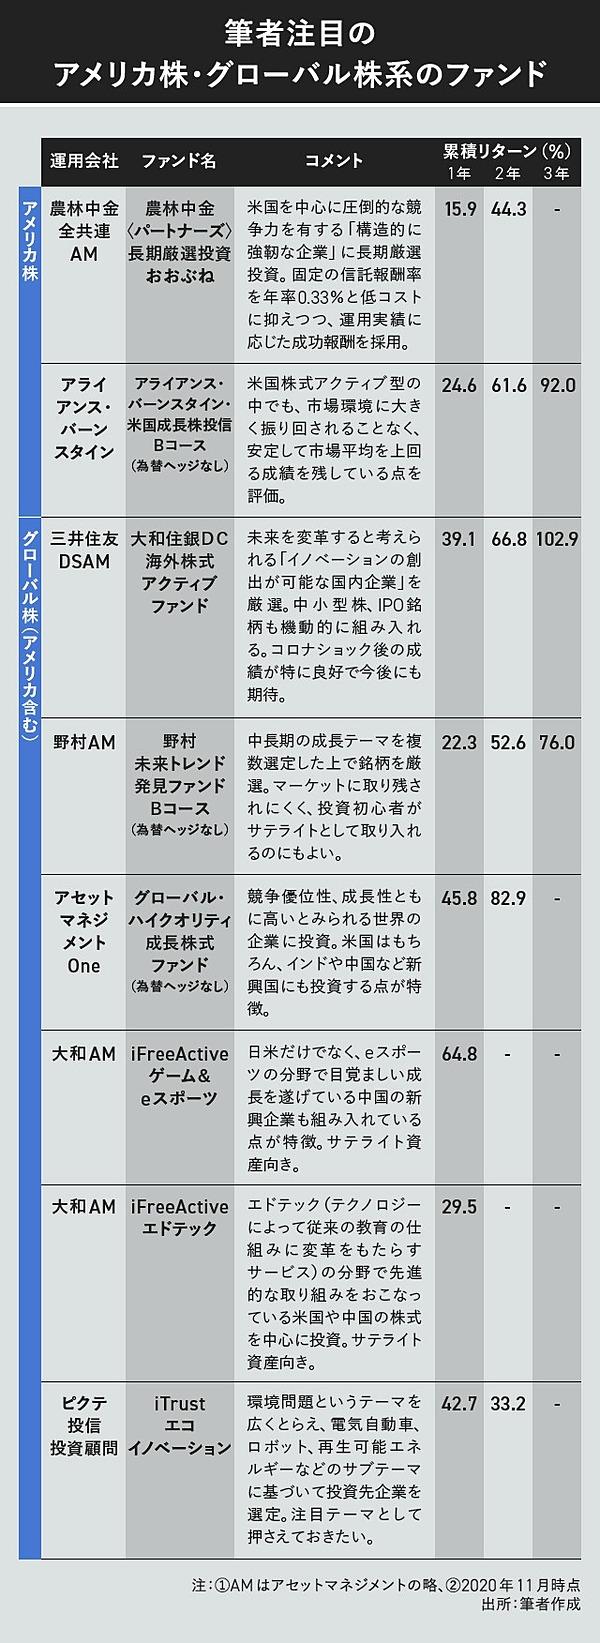 薬品 株価 コスモス